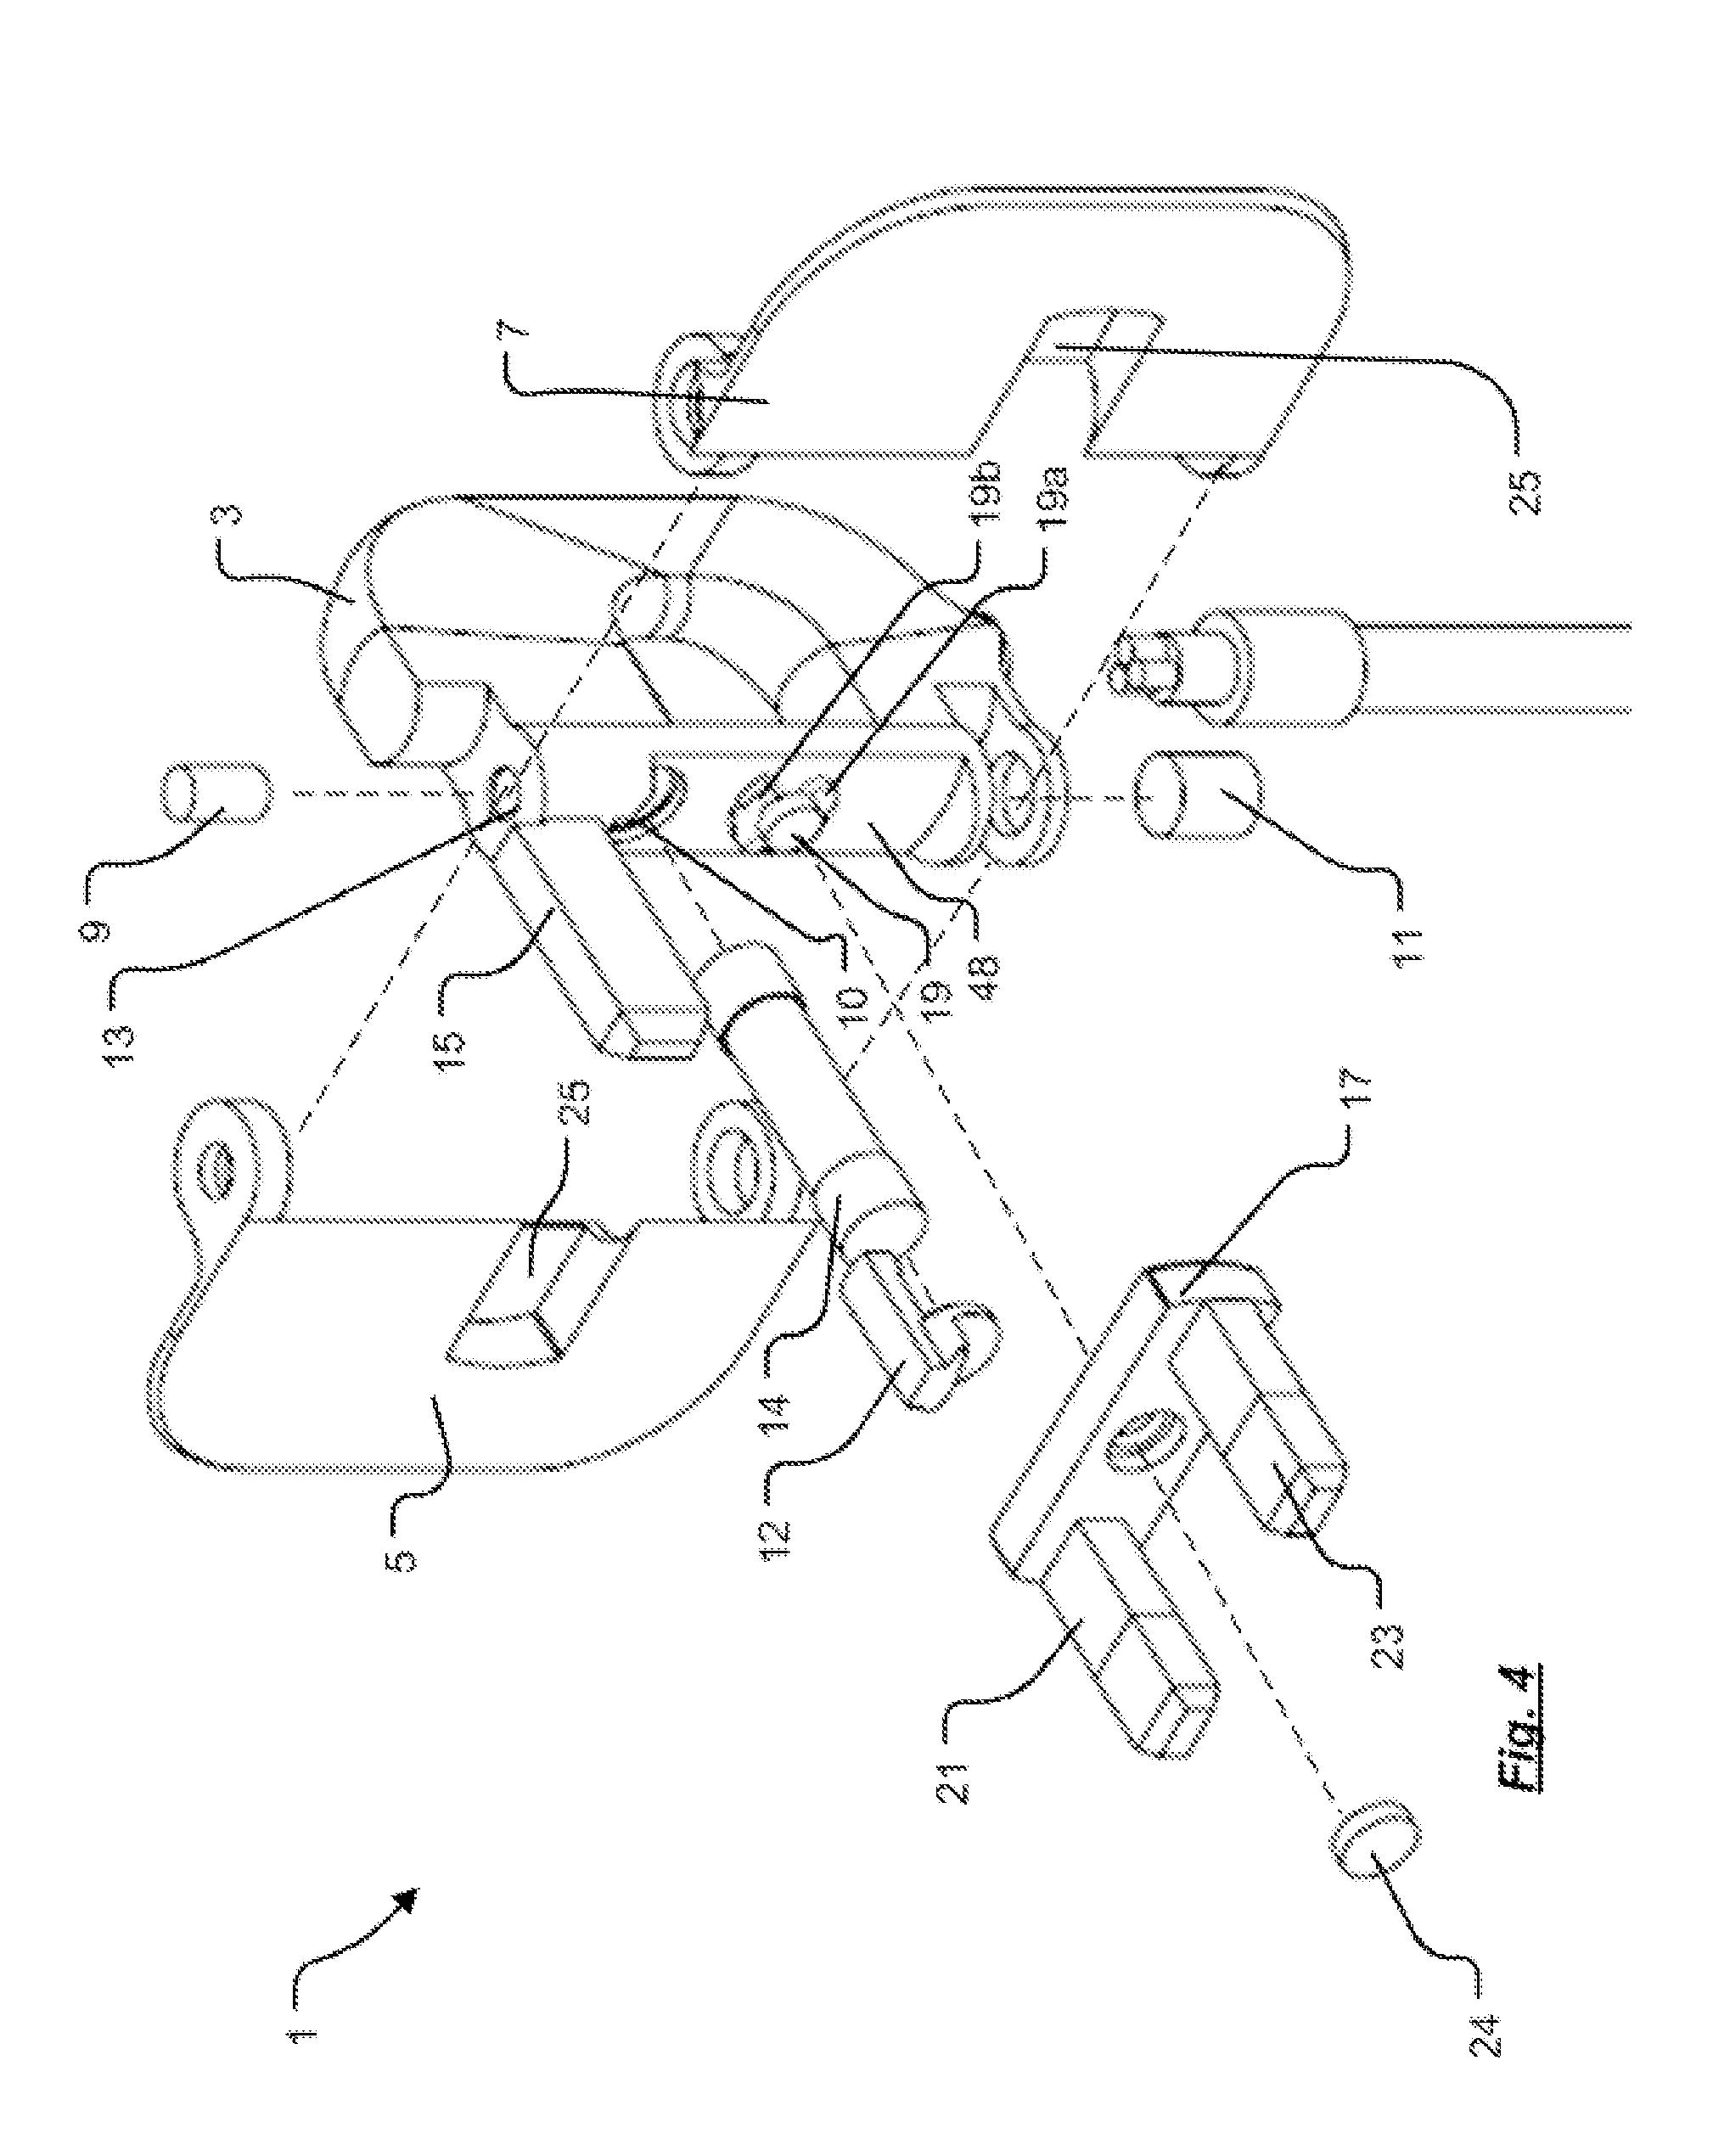 V Power Outlet Wiring Diagram Wiring Diagram And Hernes - 12v cigarette lighter wiring diagram